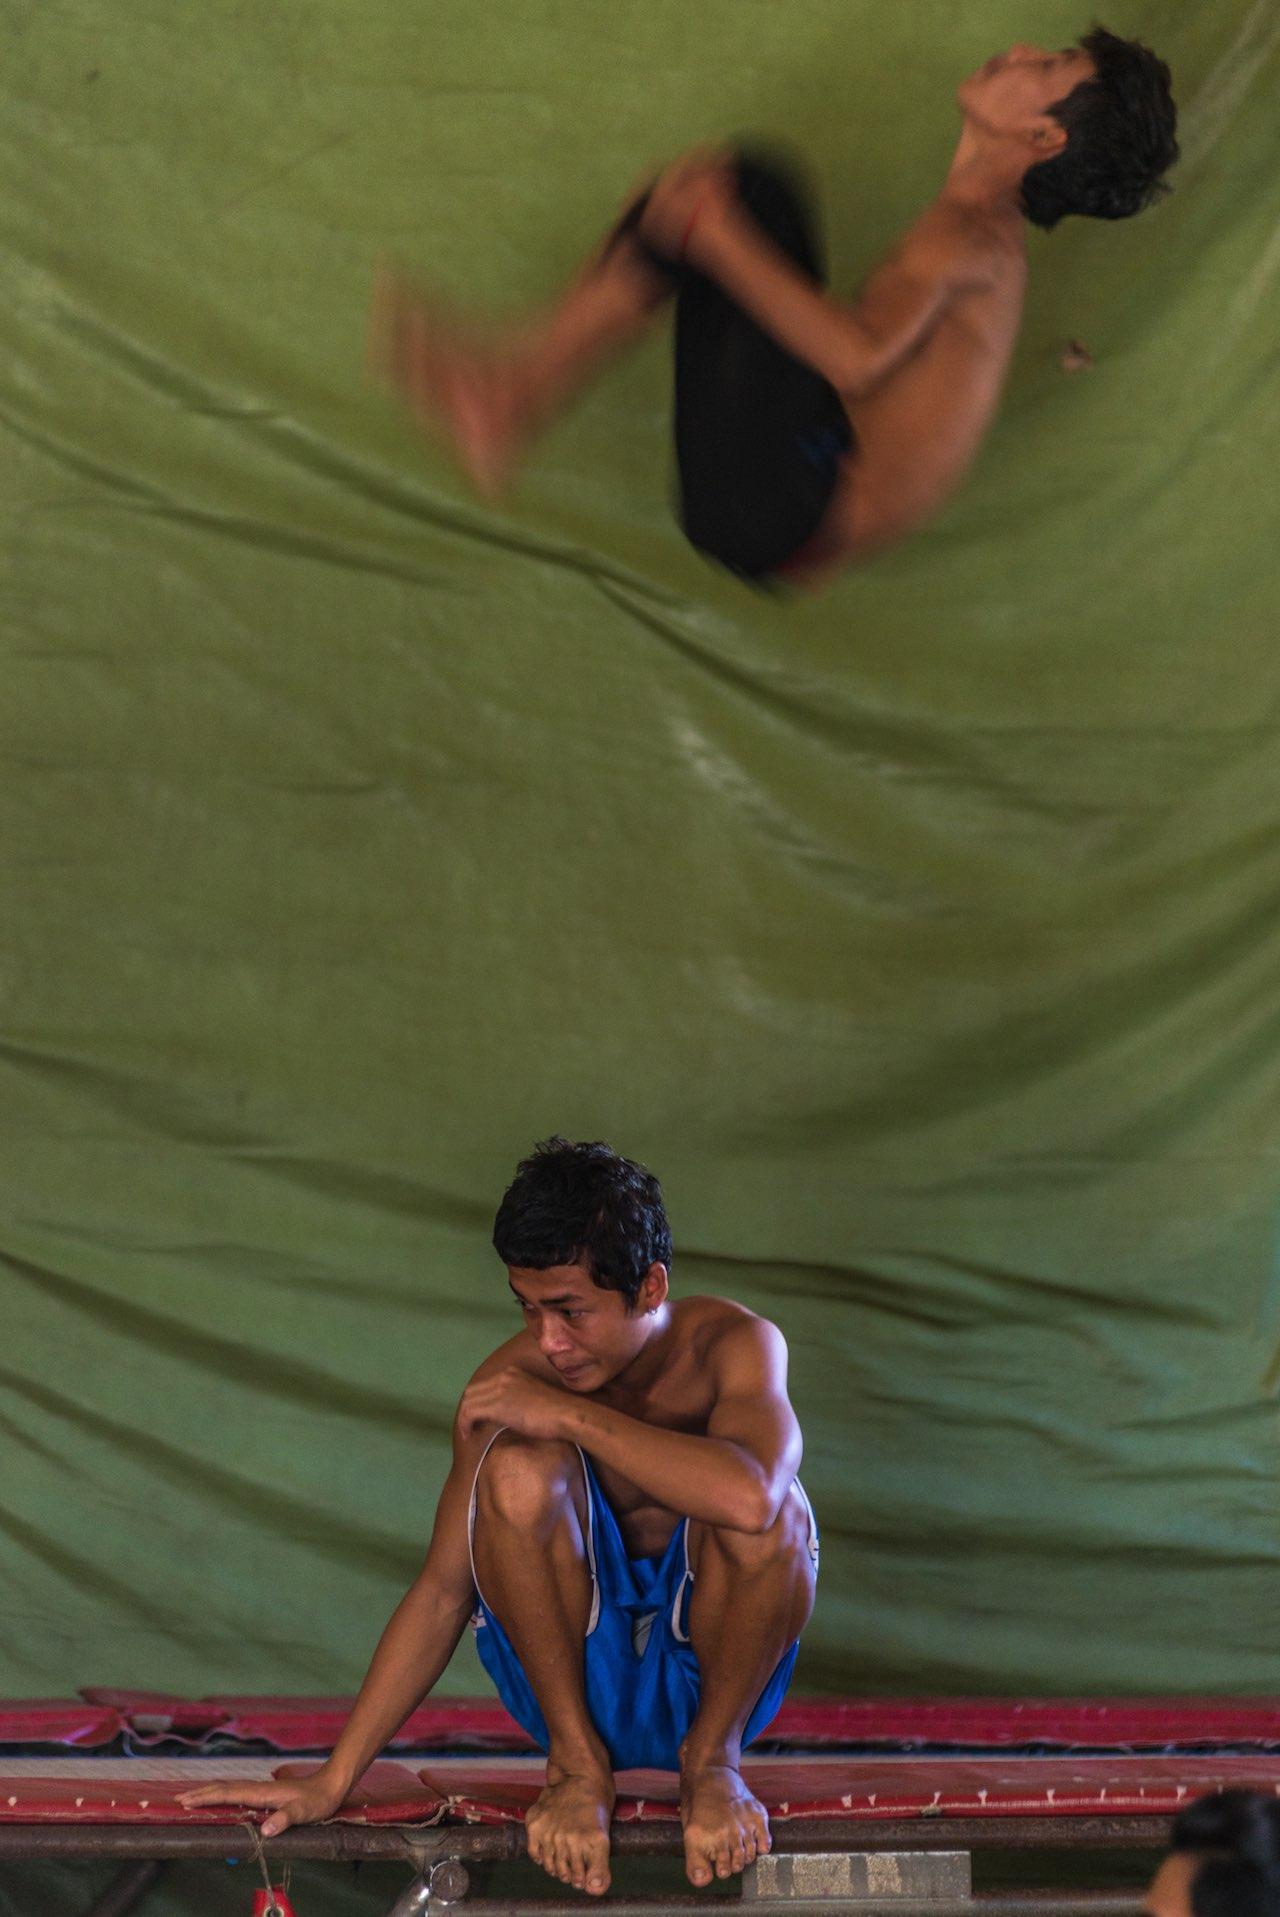 Phare Ponleu Selpak Circus Siem Reap Cambodia